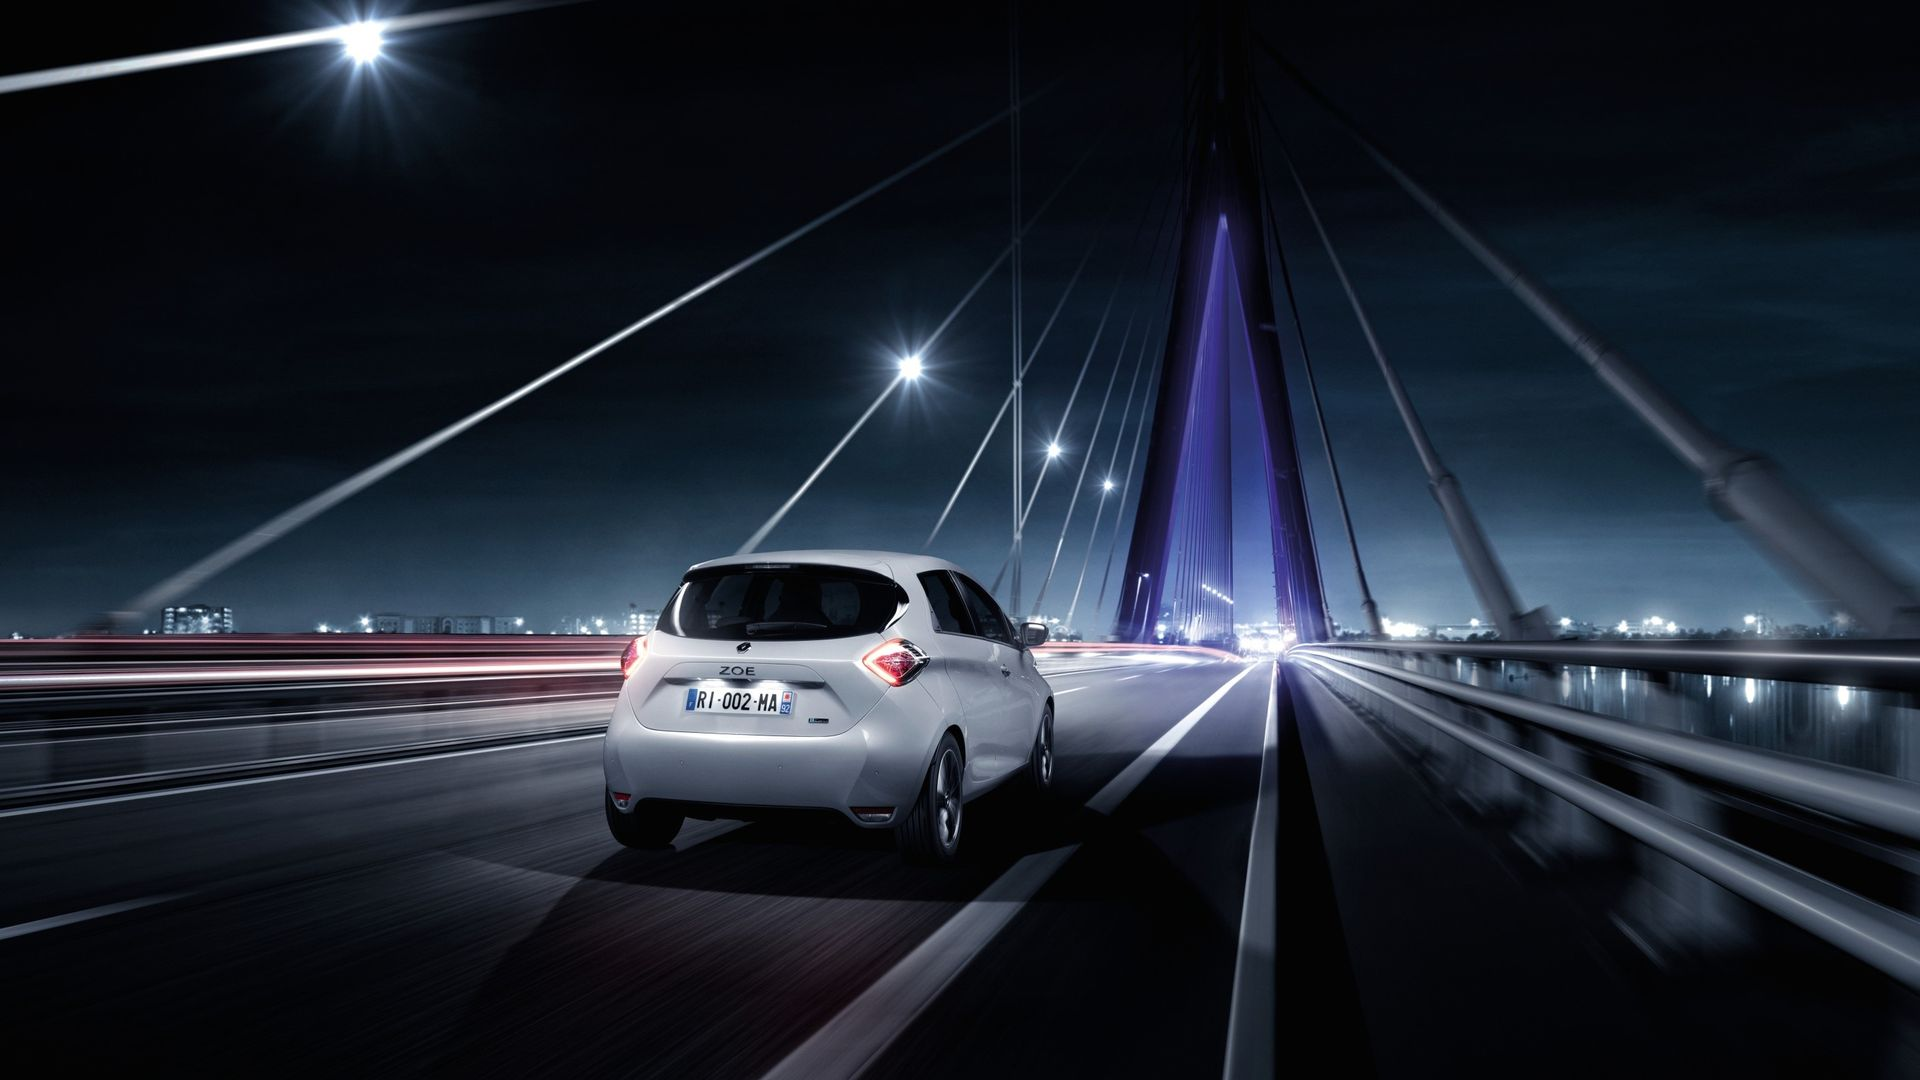 Groupe Renault долучилася до проекту із розвитку інфраструктури потужних зарядних станцій E-via Flex-e